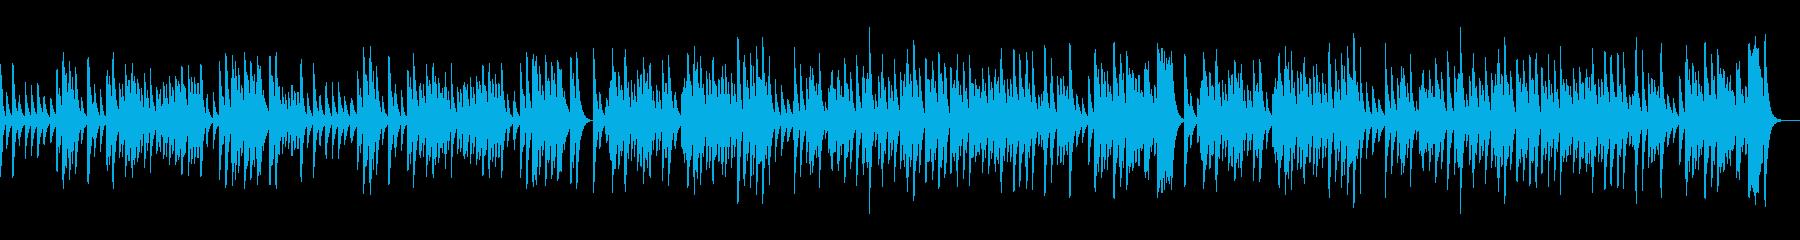 G線上のアリア/暖かい音色のオルゴールの再生済みの波形